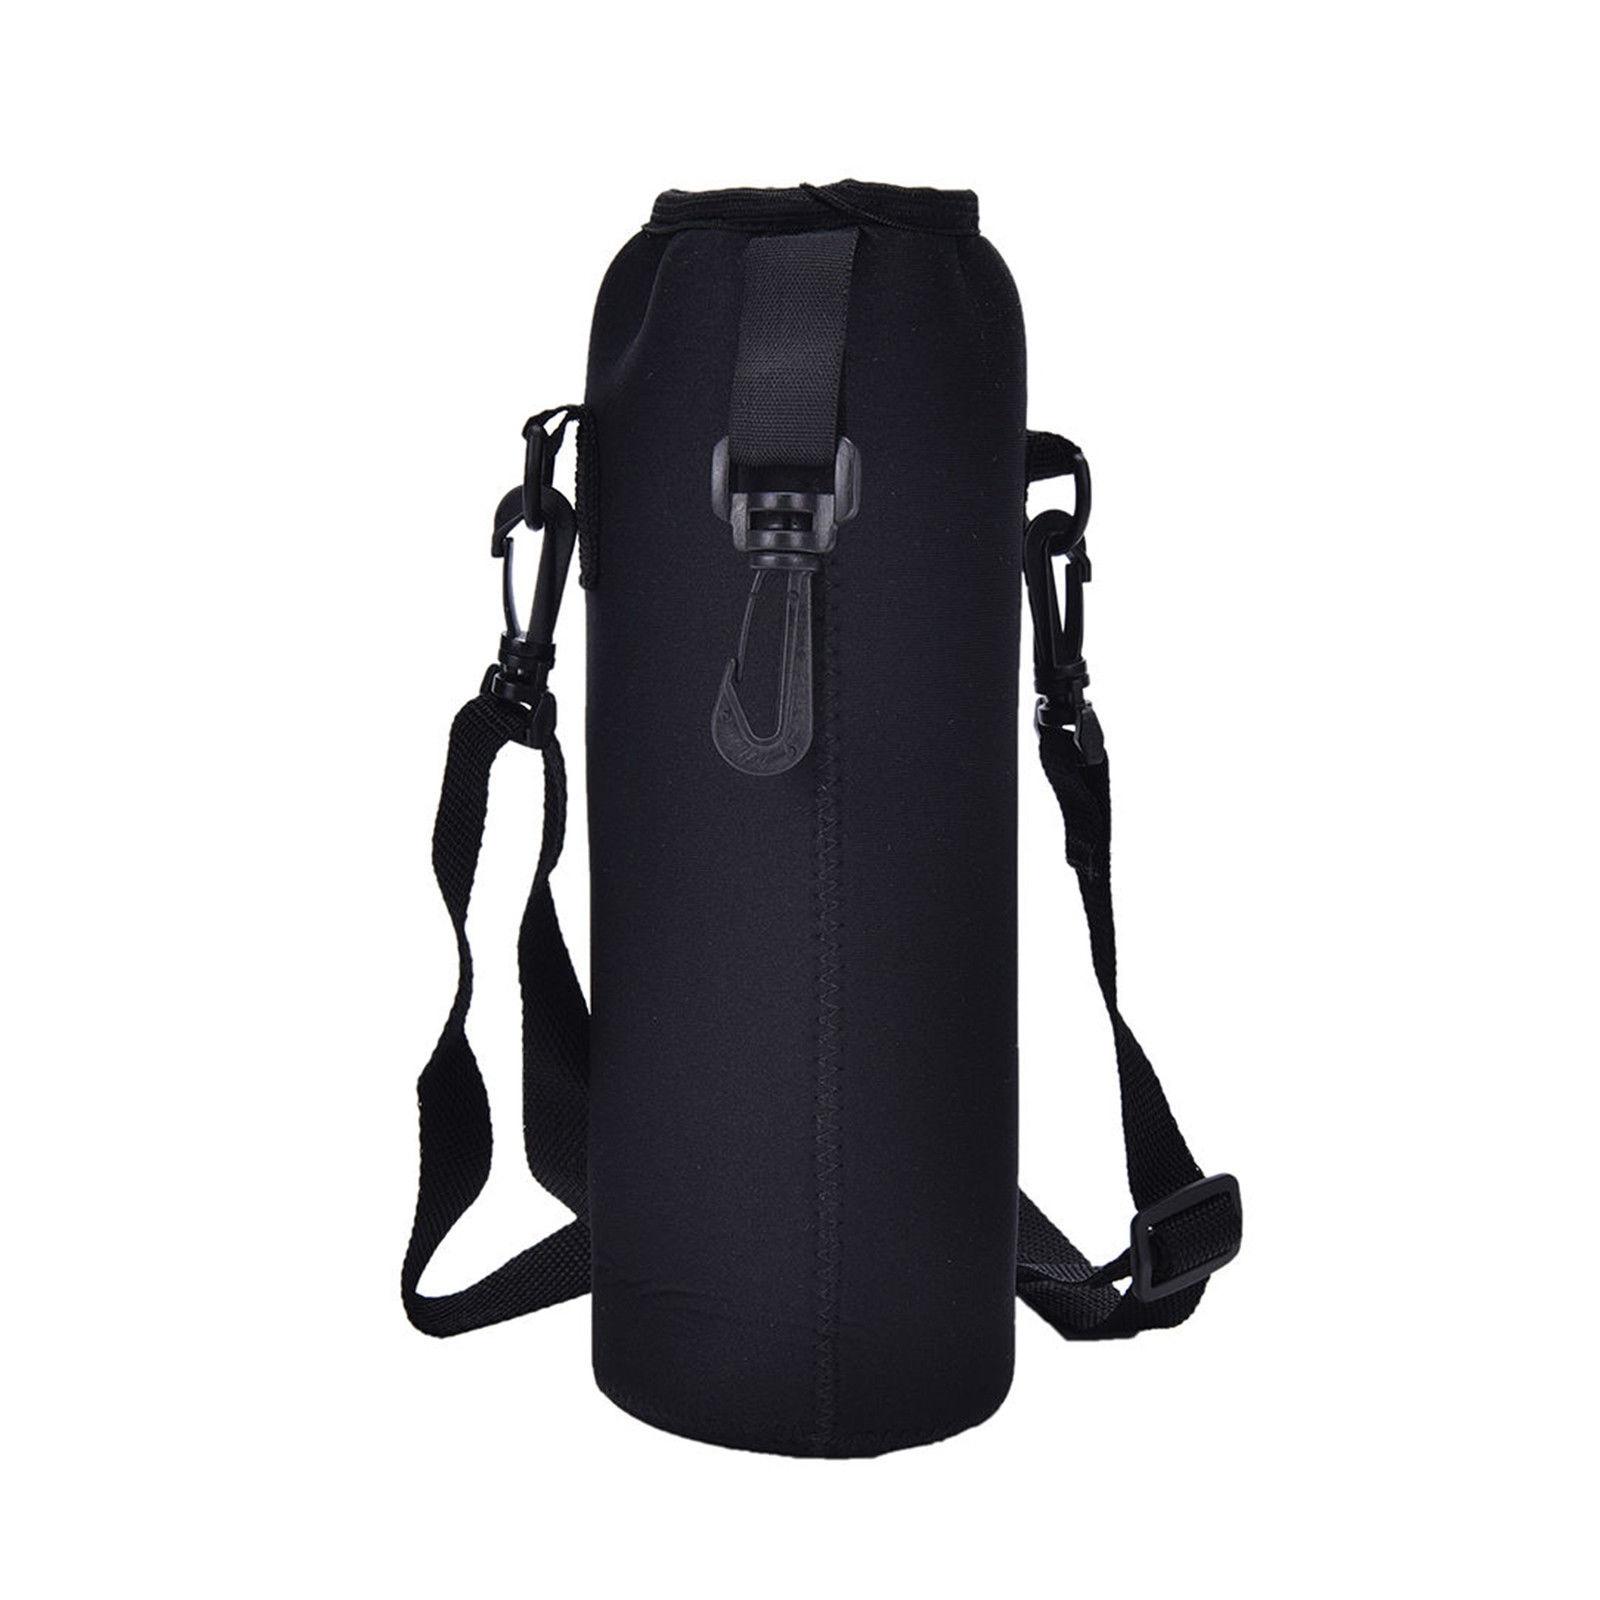 1000ML Water Bottle Cover Bag Pouch w/Strap Neoprene Water